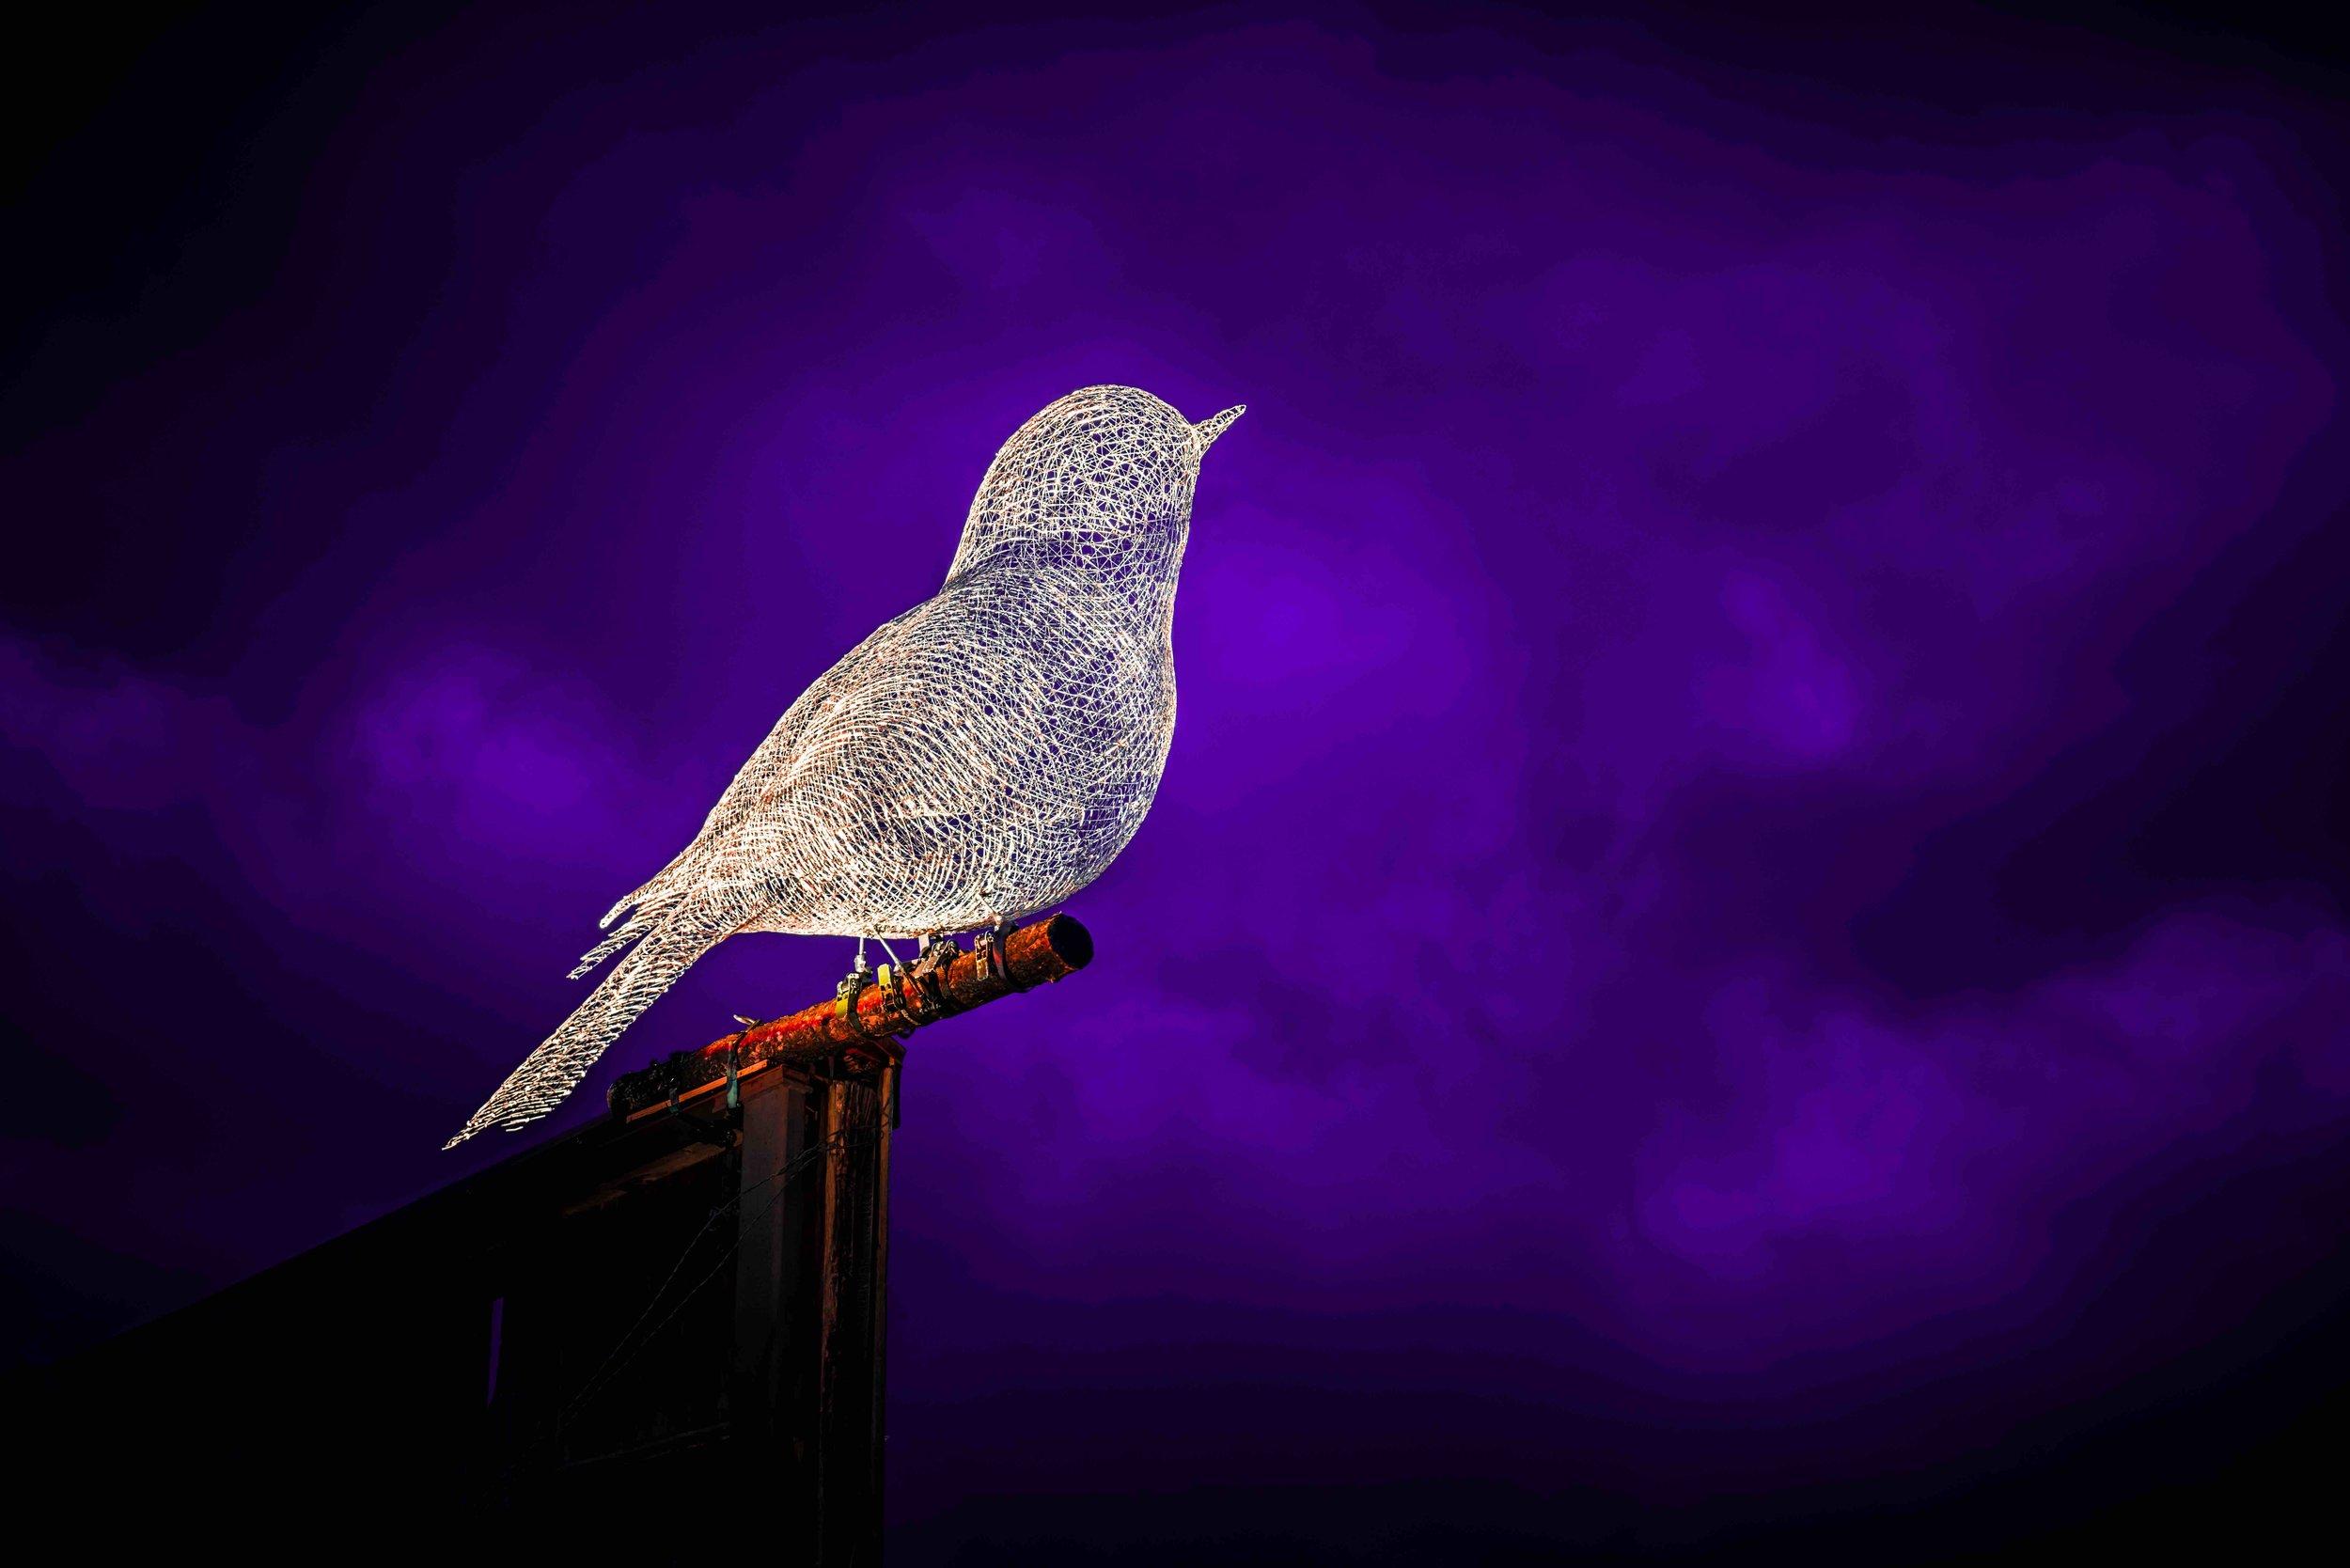 Les Oiseaux - By Cédric Le Borgne | Breckenridge 2019